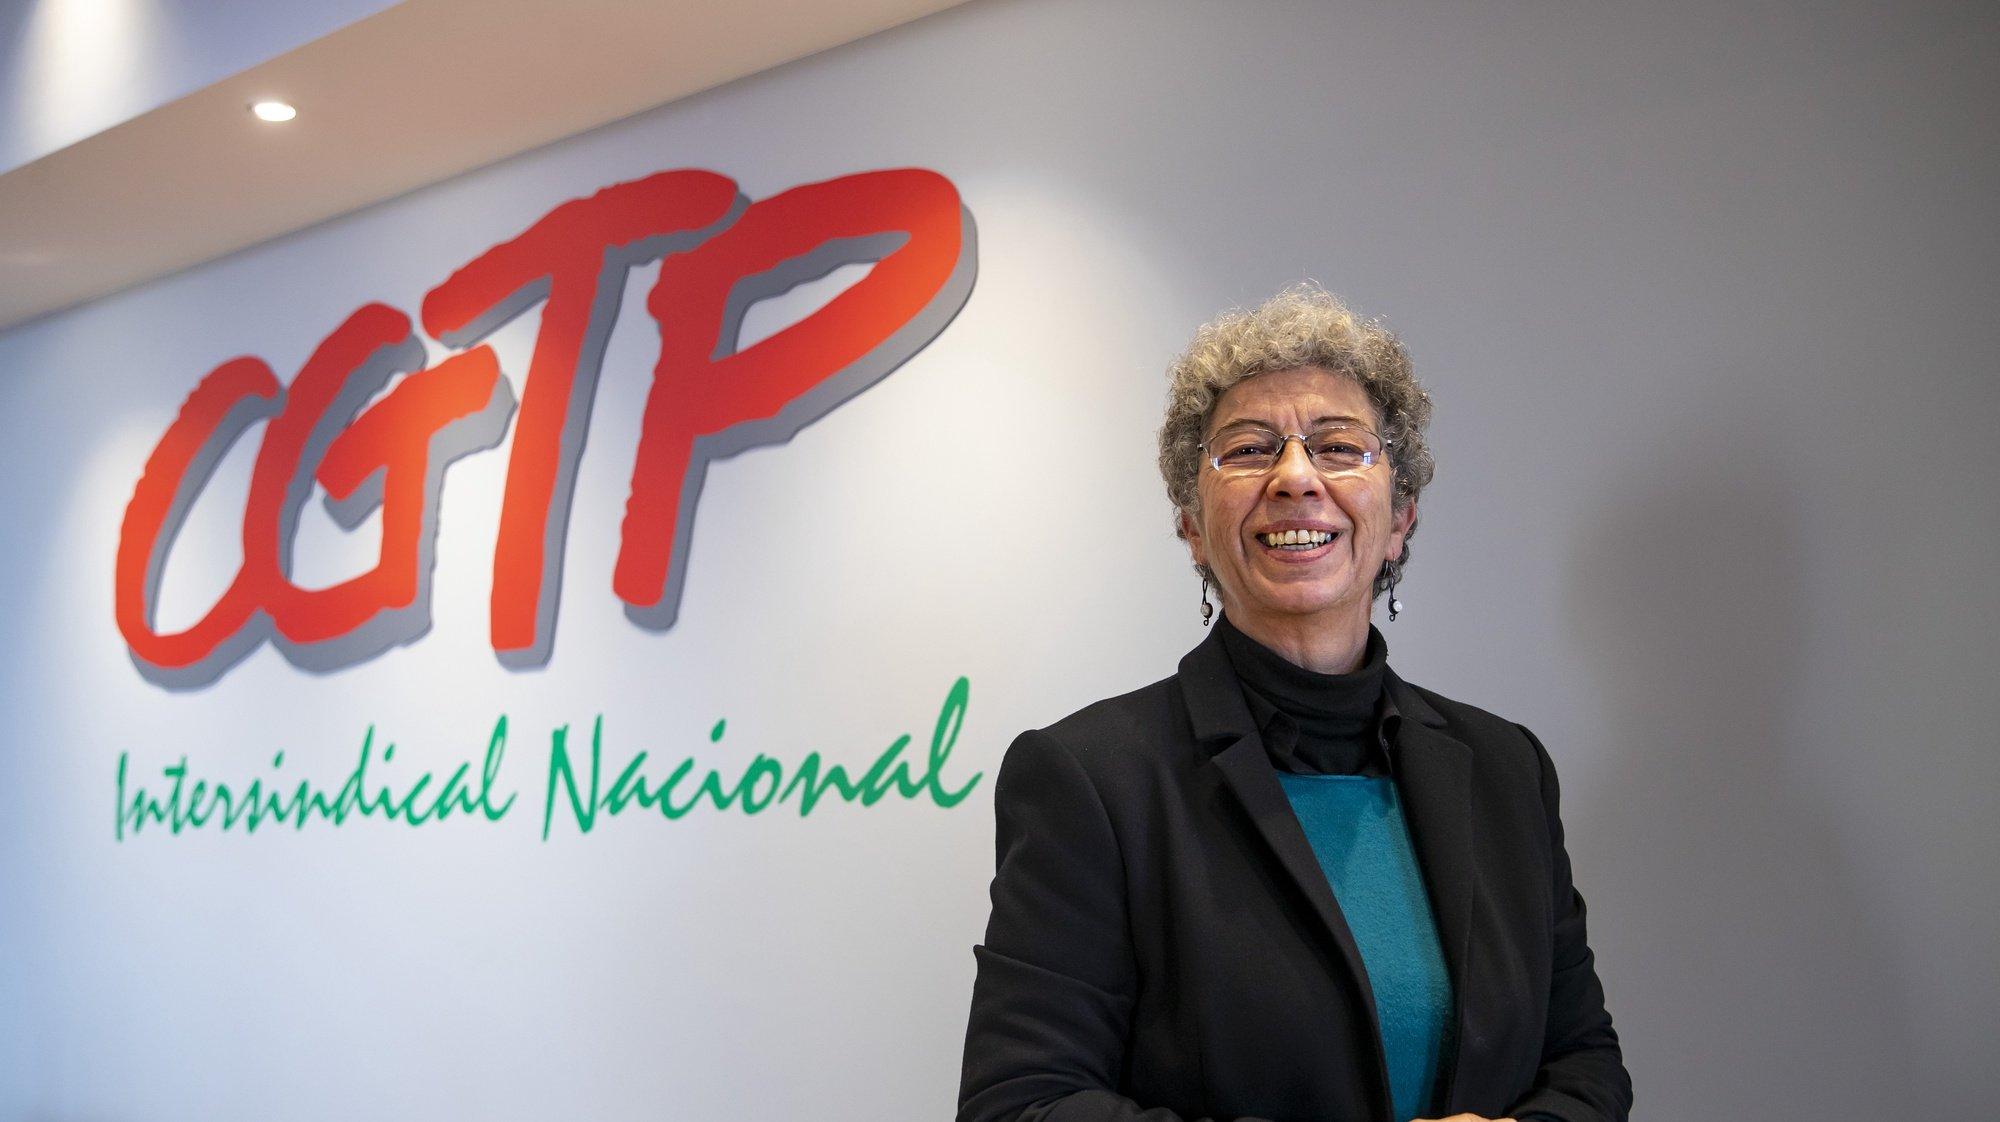 A secretária-geral da CGTP-IN, Isabel Camarinha, posa para a fotografia durante uma entrevista à agência Lusa por ocasião do seu primeiro ano no cargo, na sede da CGTP-IN, em Lisboa, 11 de fevereiro de  2021. JOSÉ SENA GOULÃO/LUSA